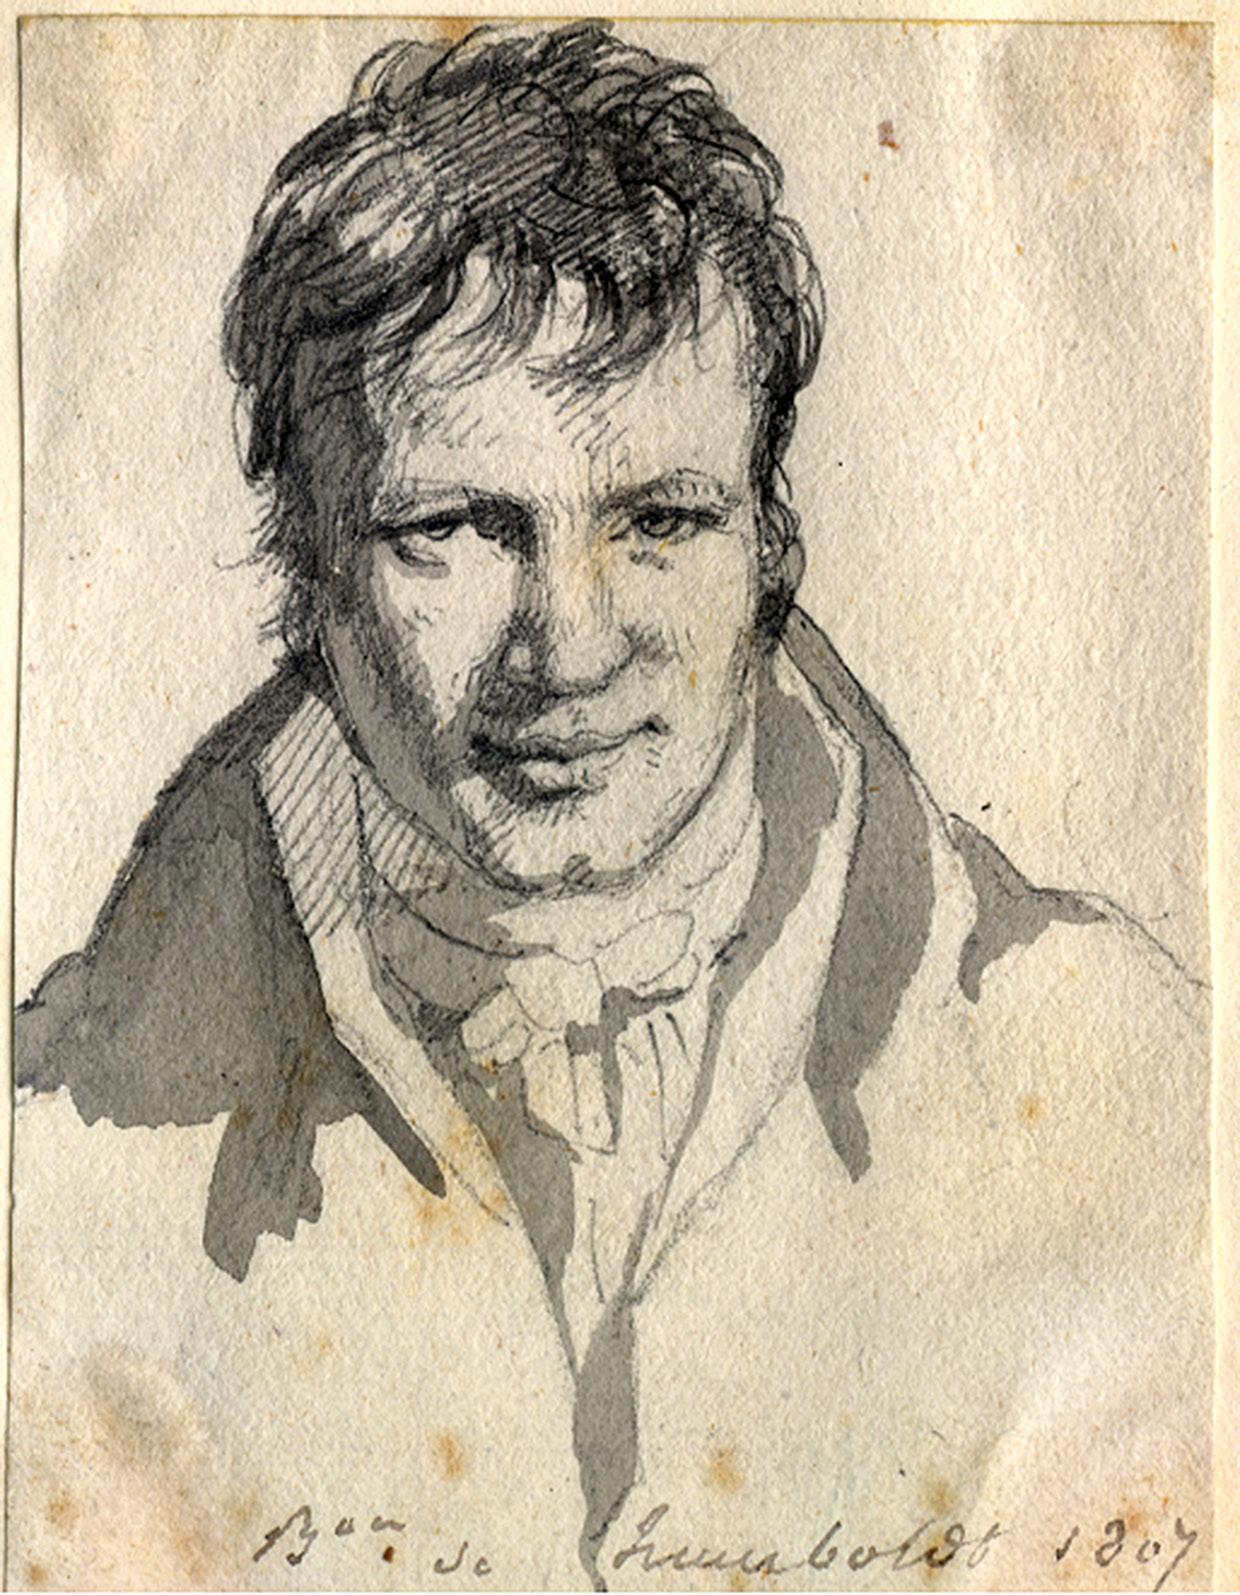 Briefe Alexander Von Humboldt : Frontale präsenz zu einem unbekannten porträt alexander